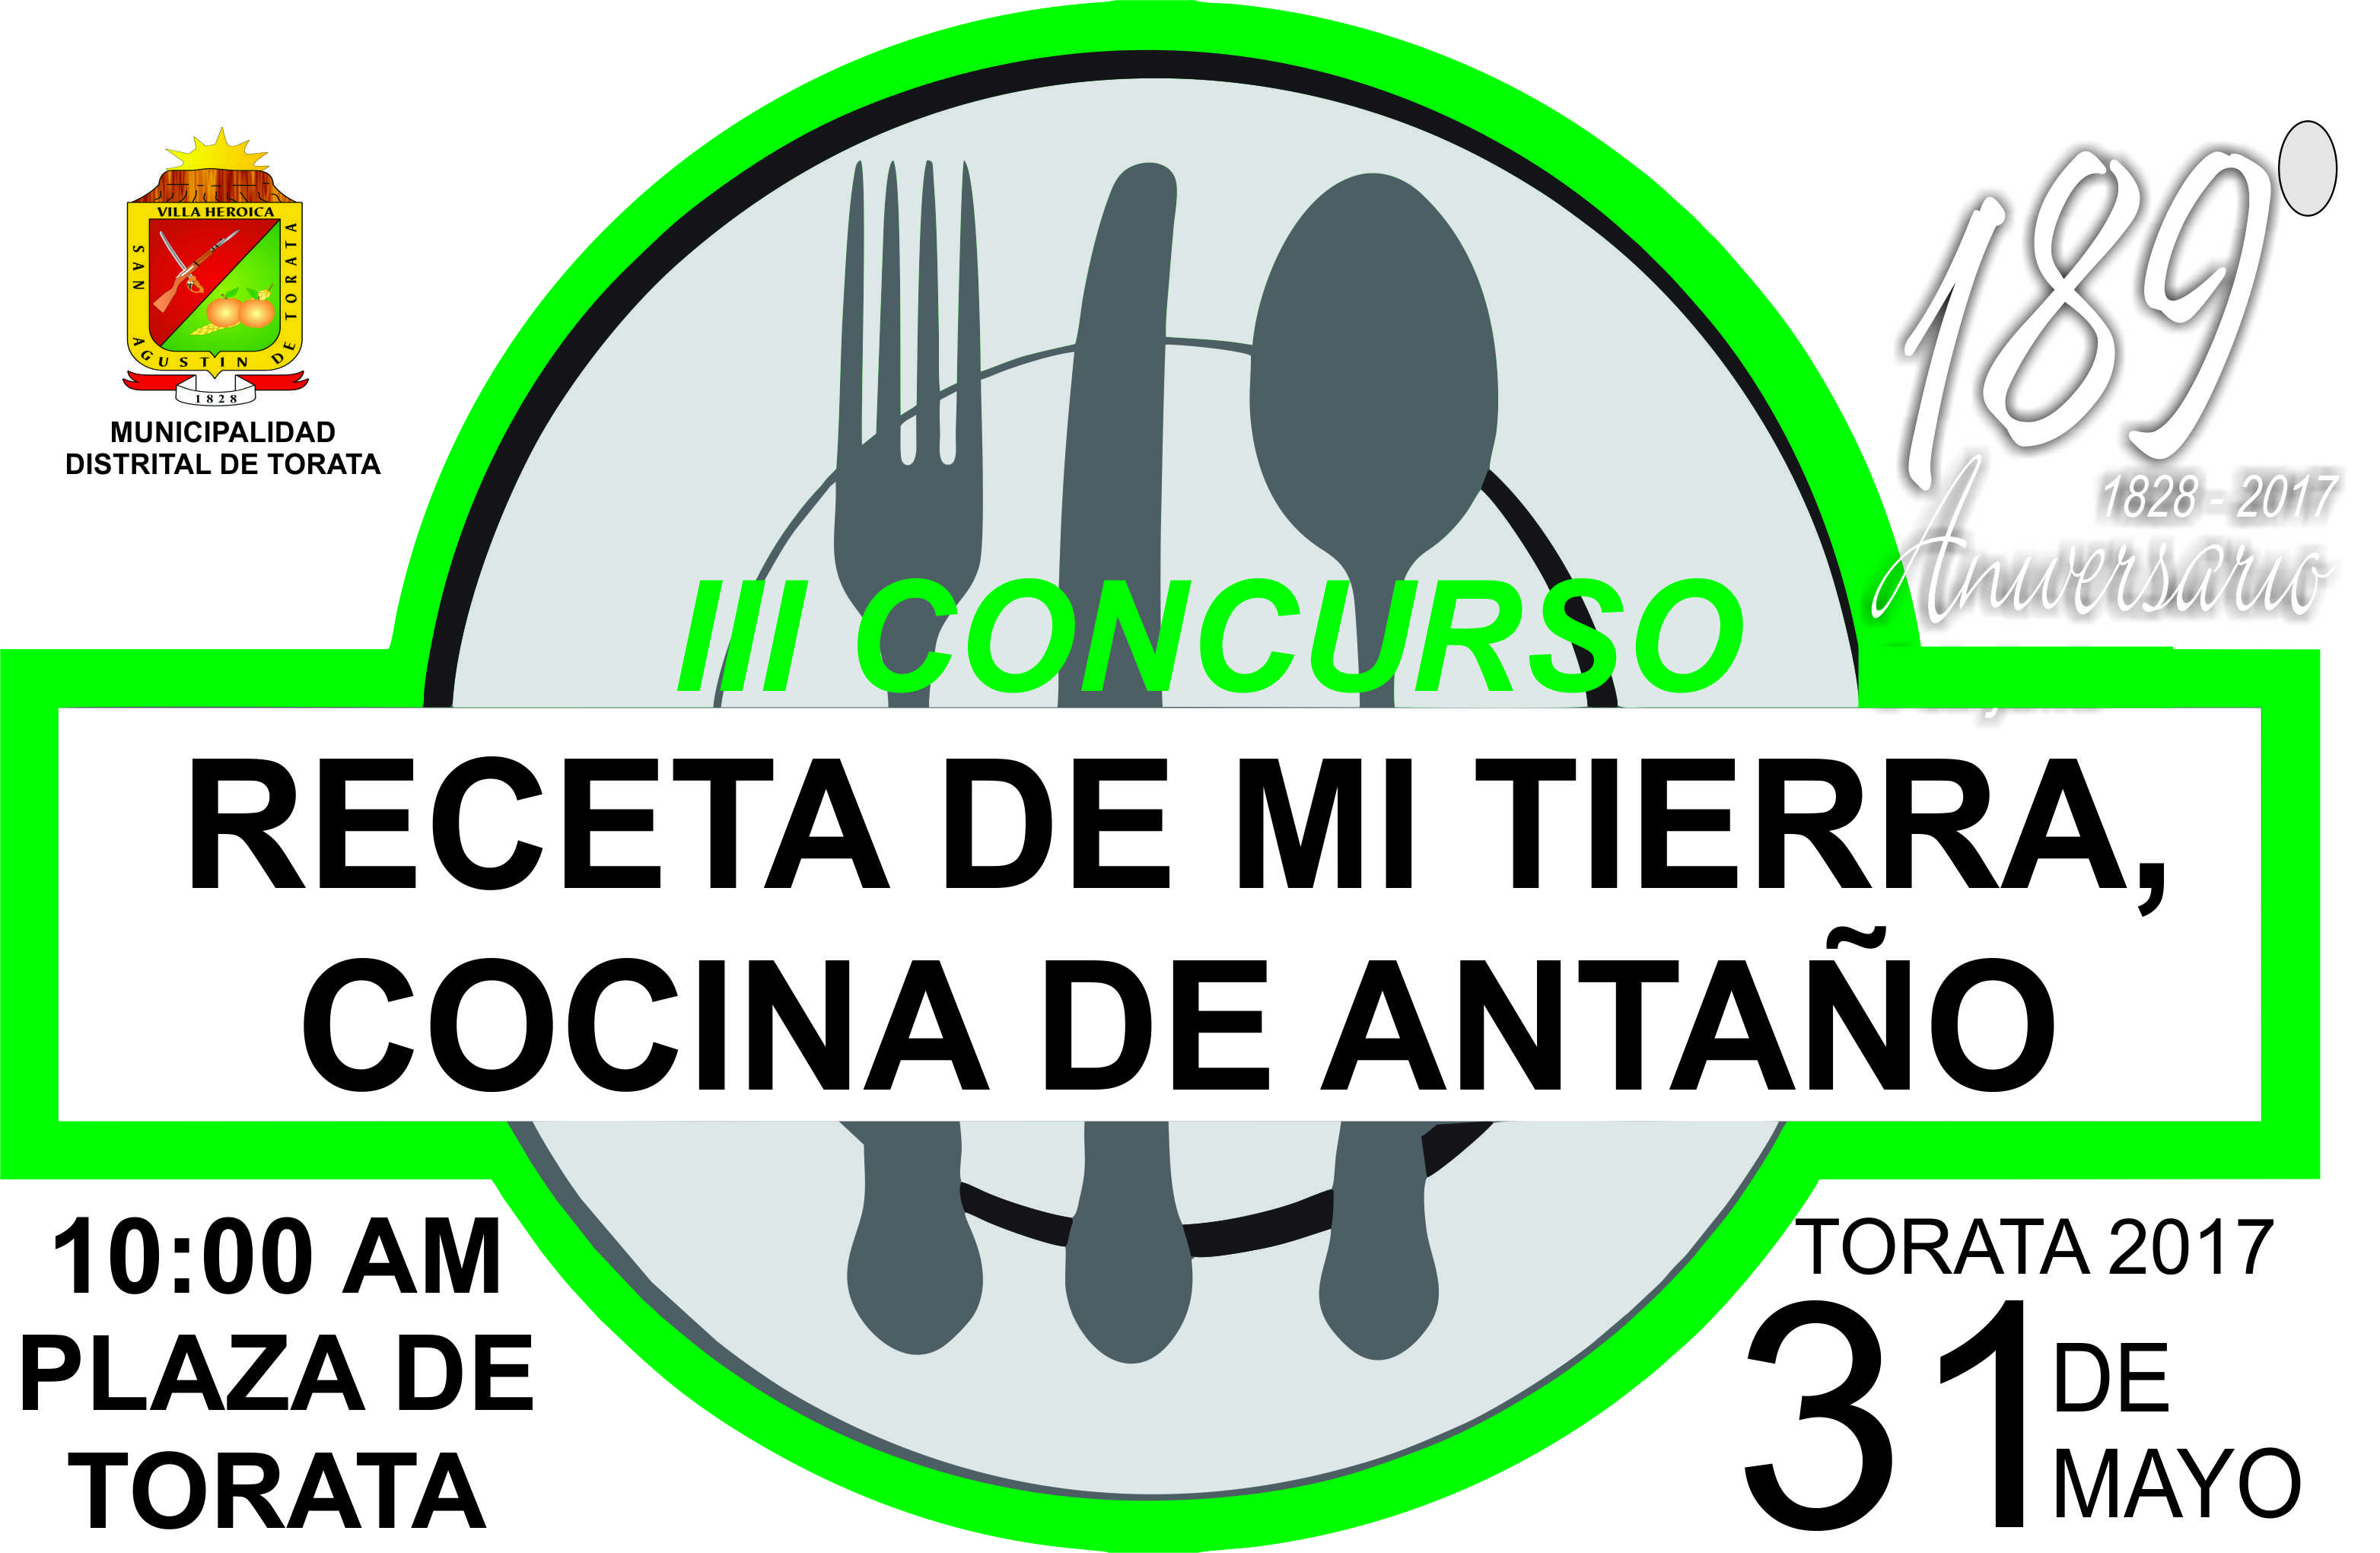 Bases del iii concurso receta de mi tierra cocina de - Concurso de cocina ...